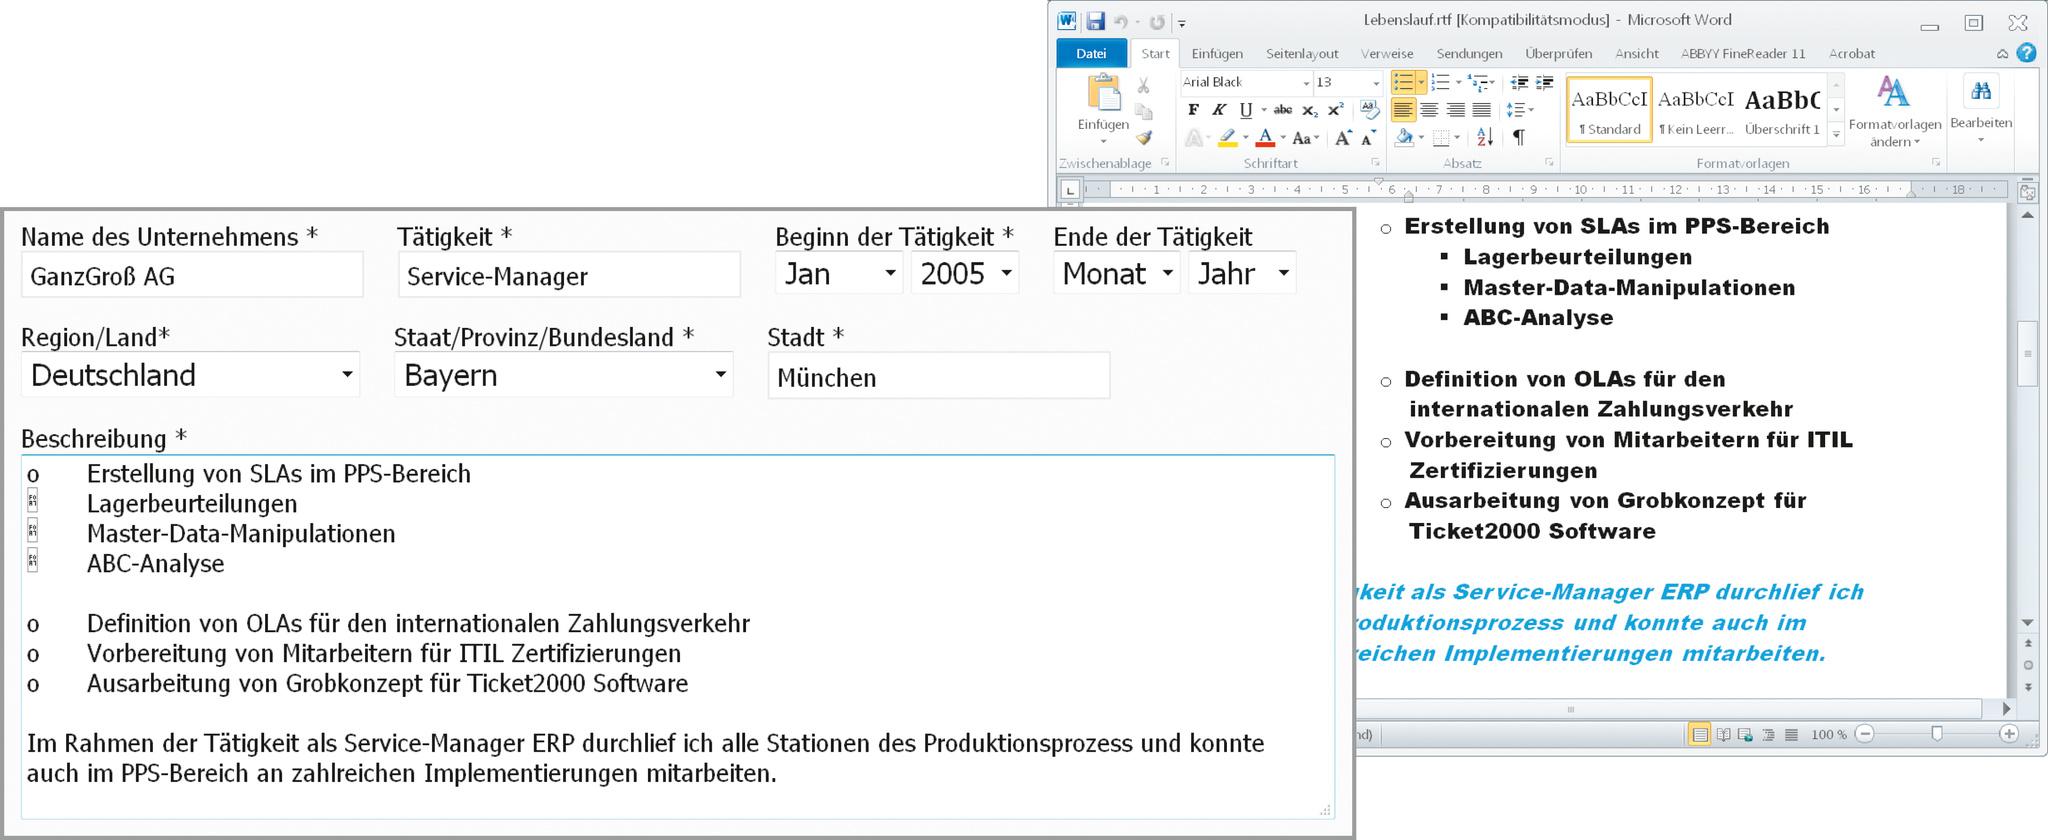 aufwendige formatierungen werden in formularen herausgefiltert - Bewerbung Online